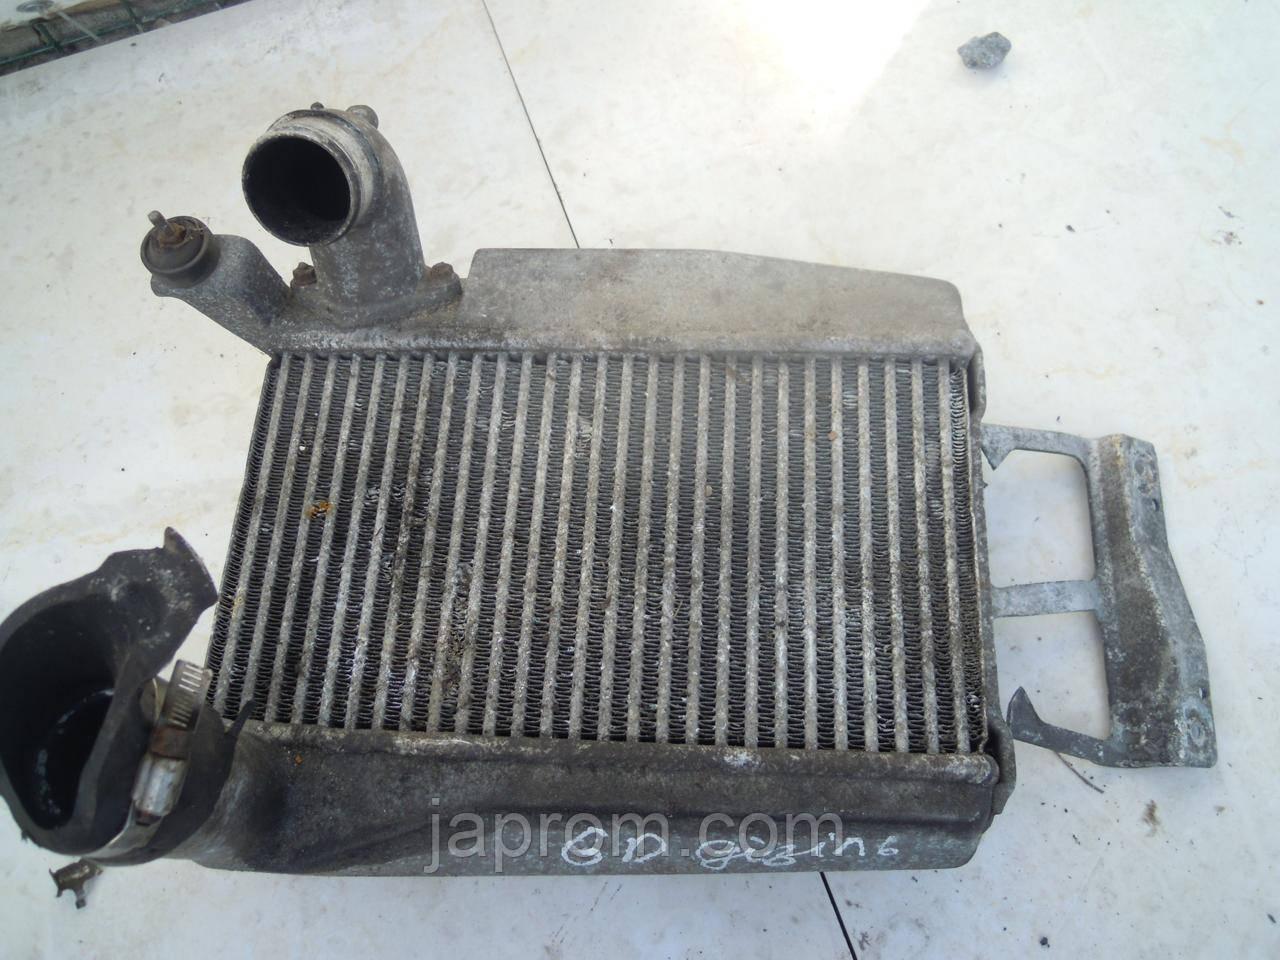 Радиатор интеркулера Mazda 626 GD 1987-1991г.в. 2.0 Komprex